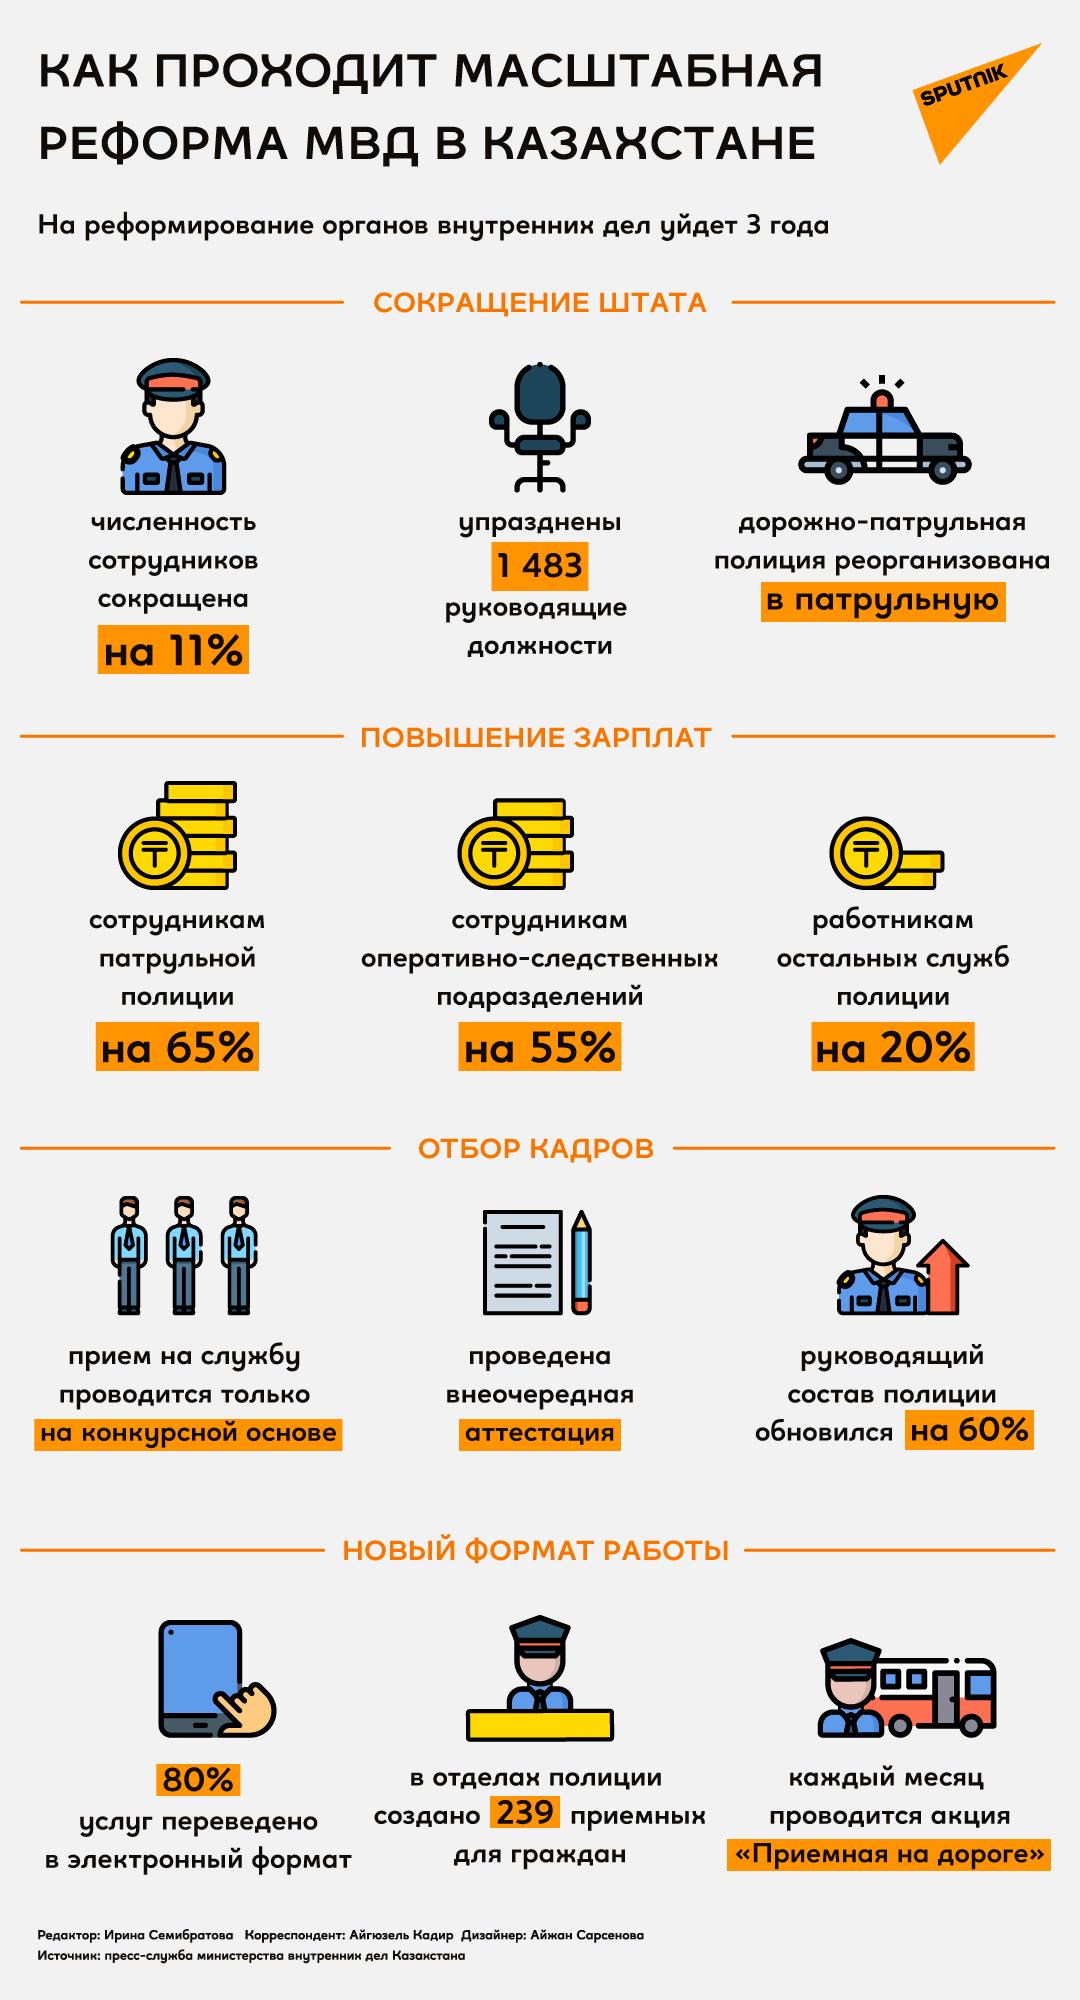 Как проходит реформа полиции в Казахстане